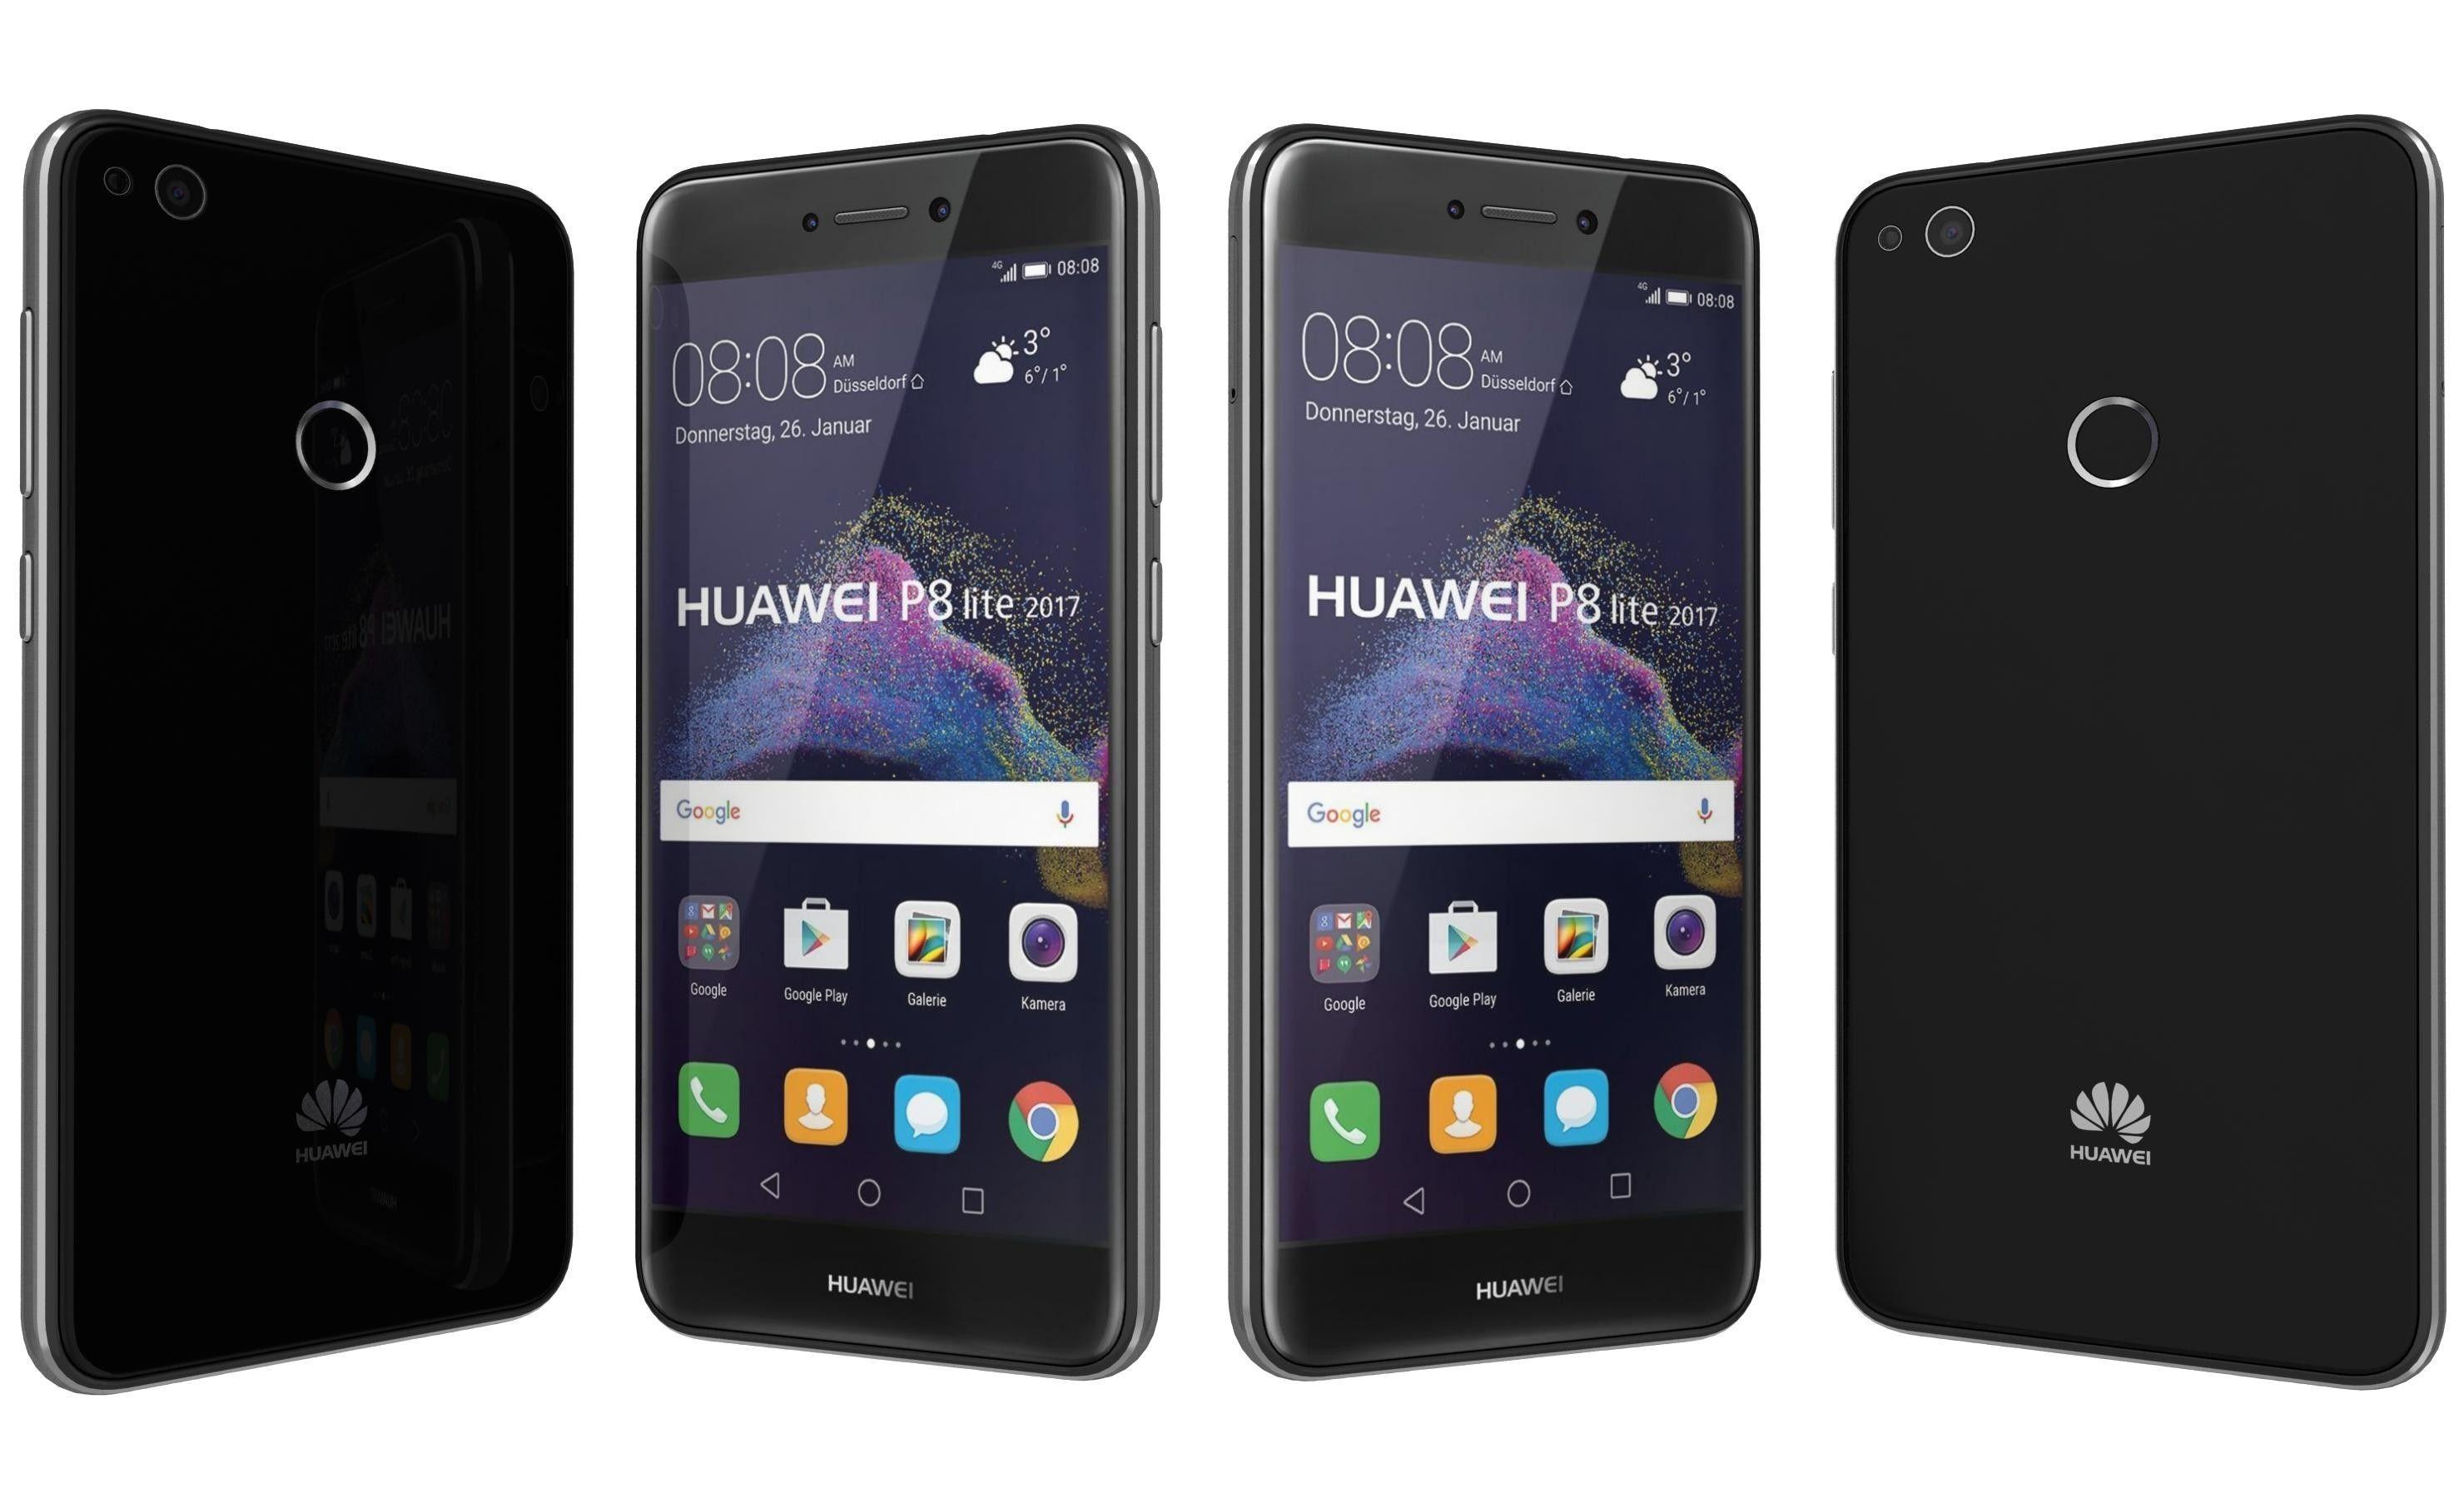 Come modificare la foto sullo sfondo di Huawei P8 Lite 2017